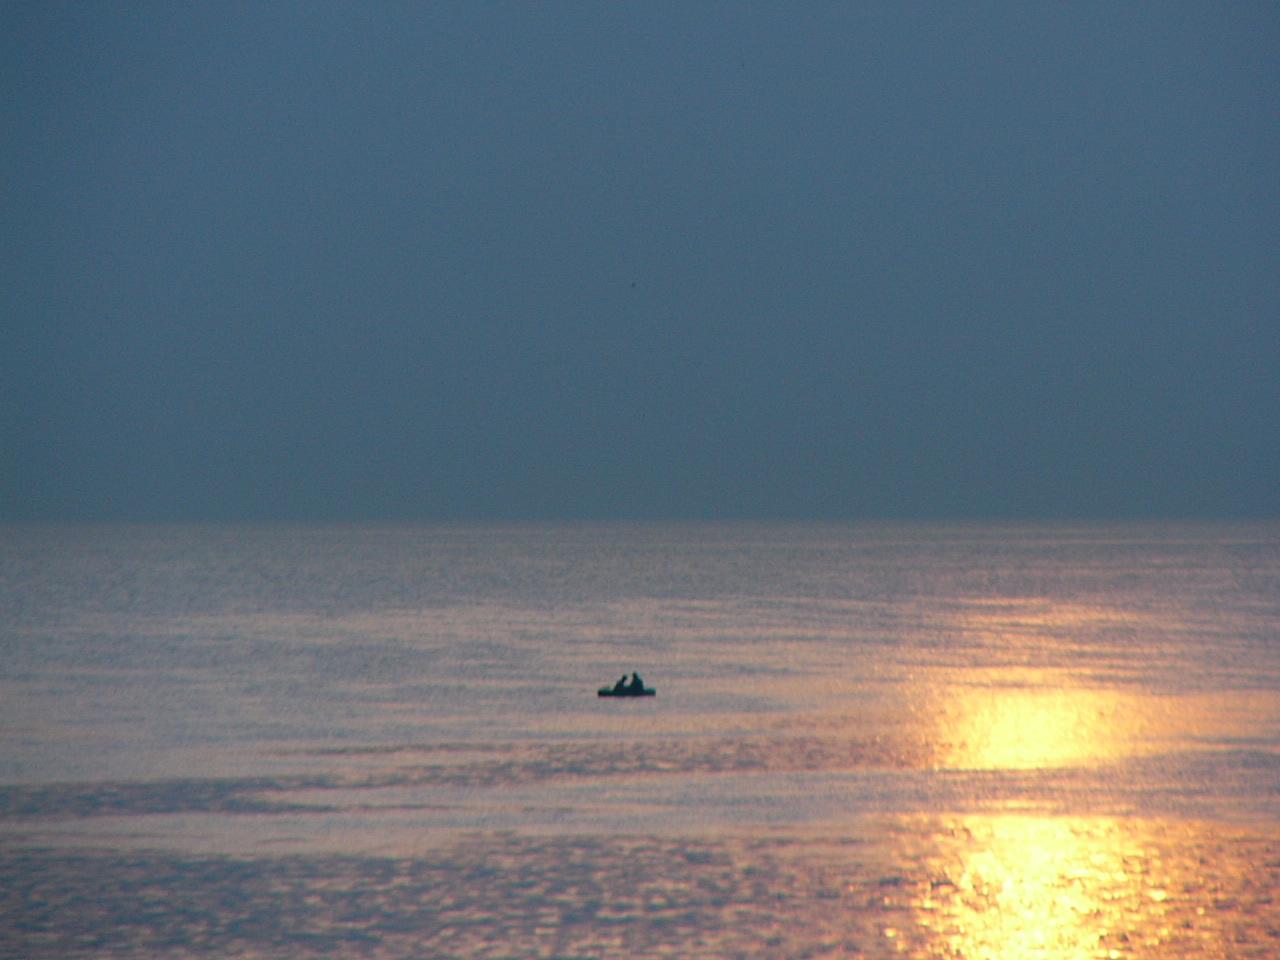 «Остаться одному в океане». Самые страшные смерти людей за всю историю